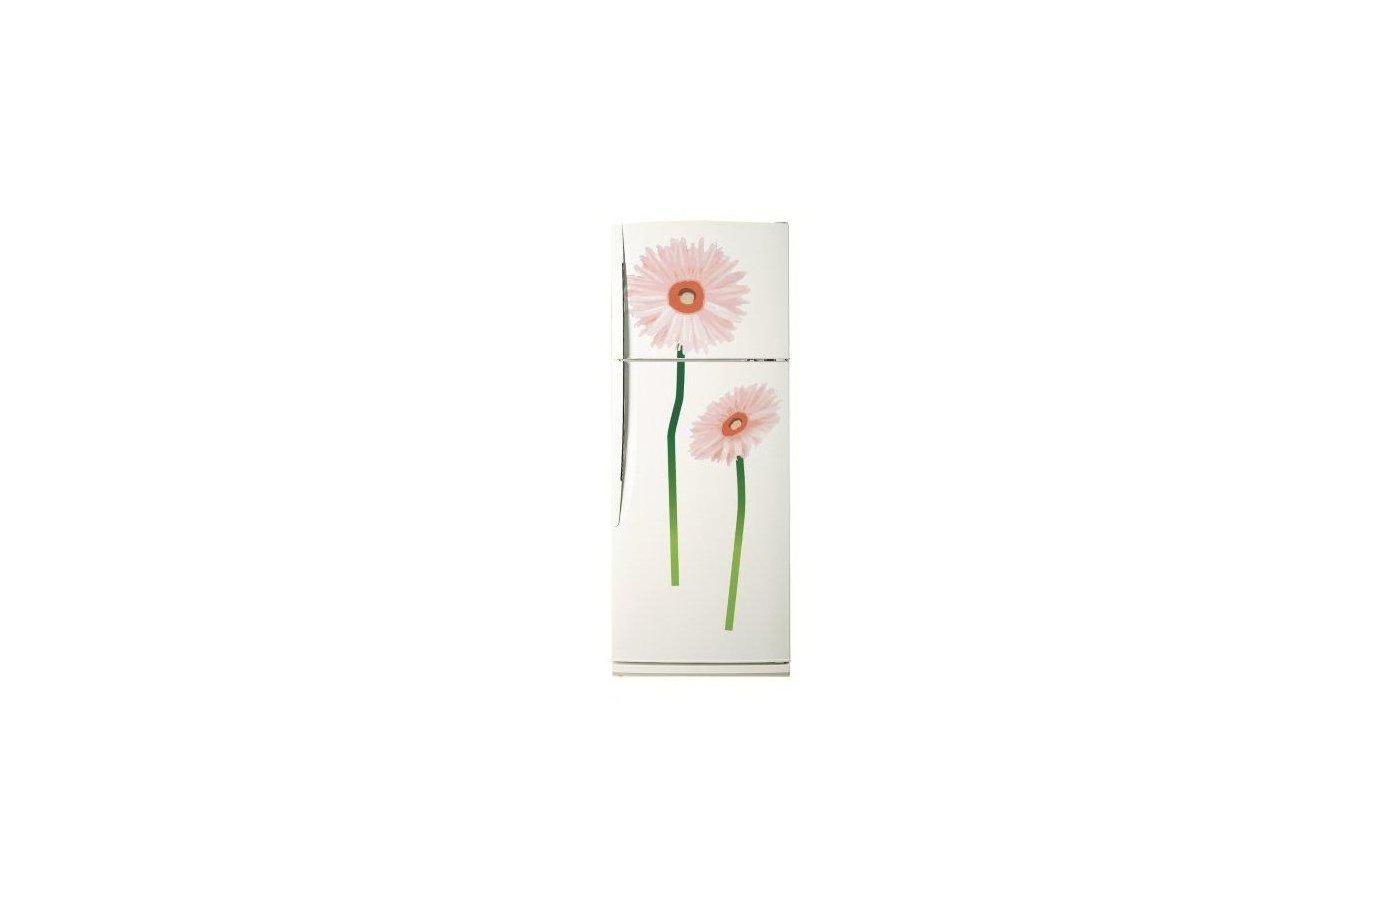 Аксессуар к холодильникам TOPPERR 7009 Декоративная наклейка для холодильников Красный цветок